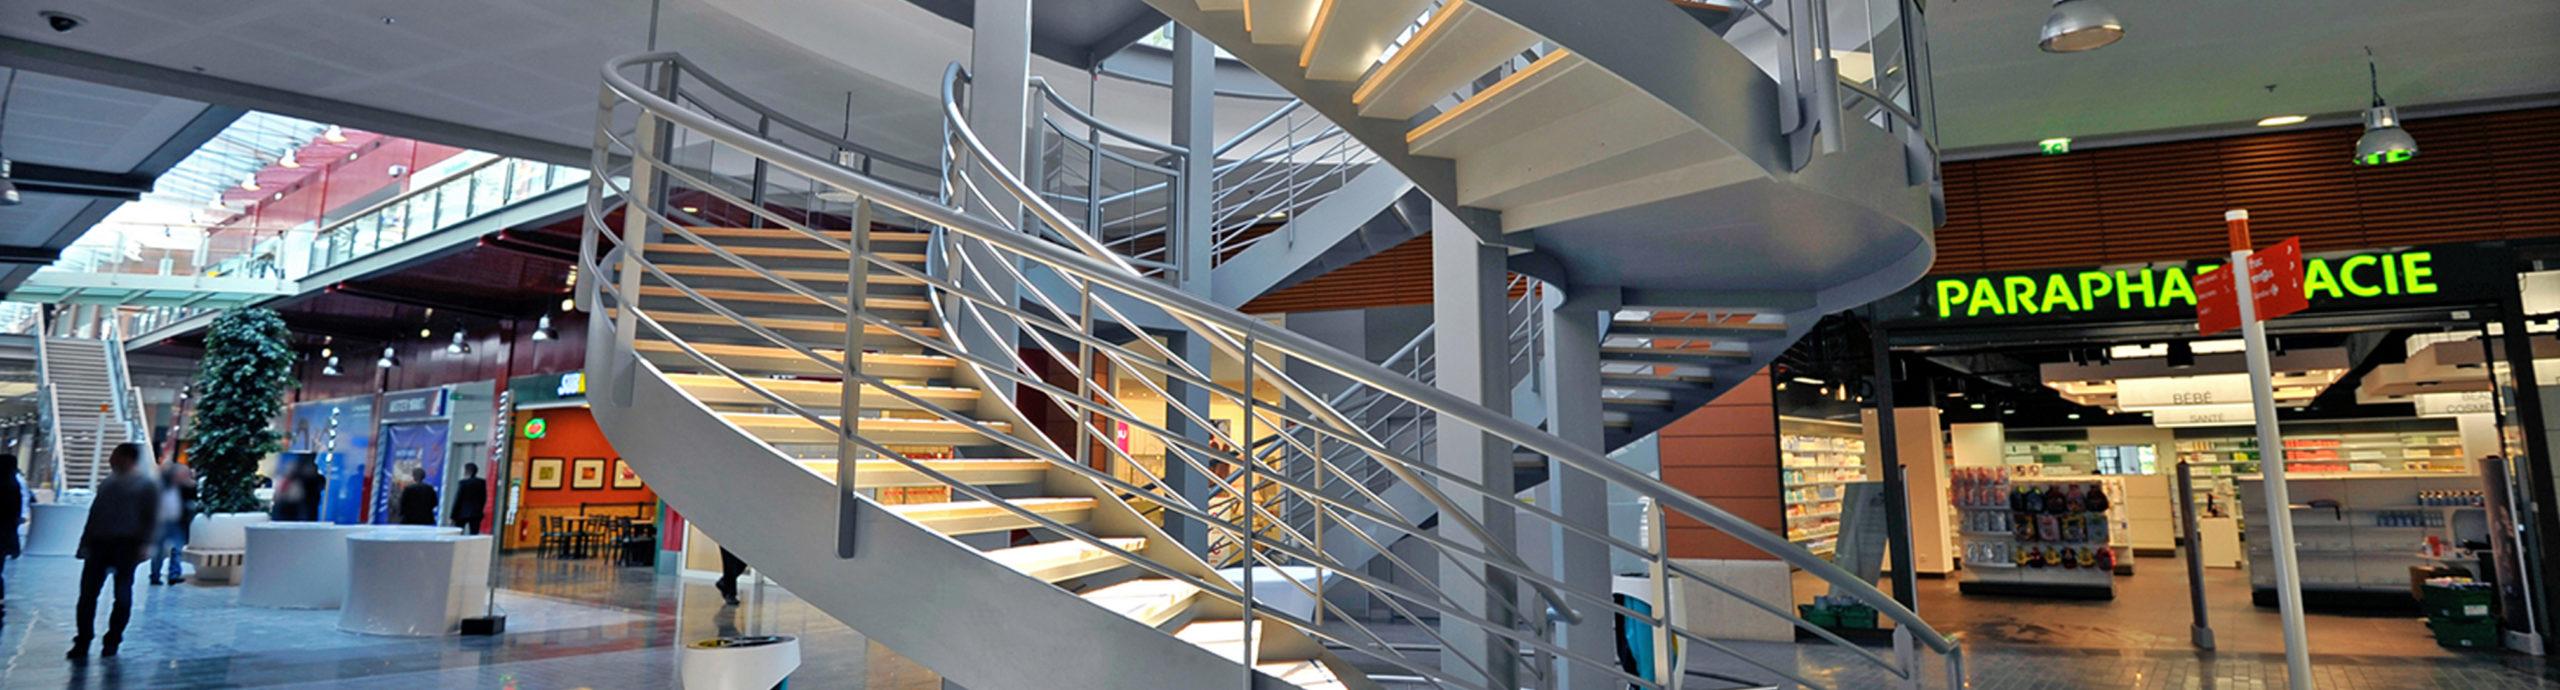 escalier double révolution Chambord vinci millénaire